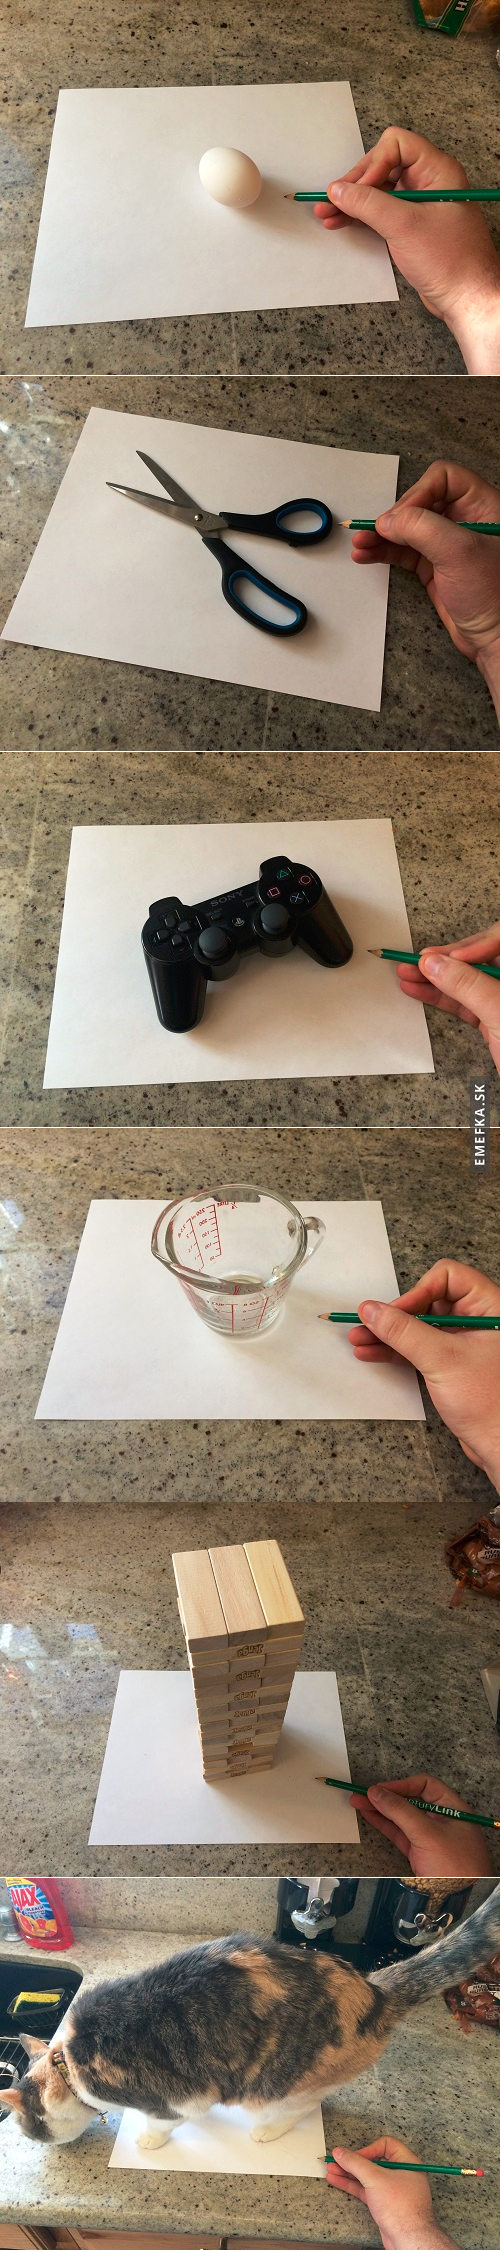 Úžasné 3D kresby :O